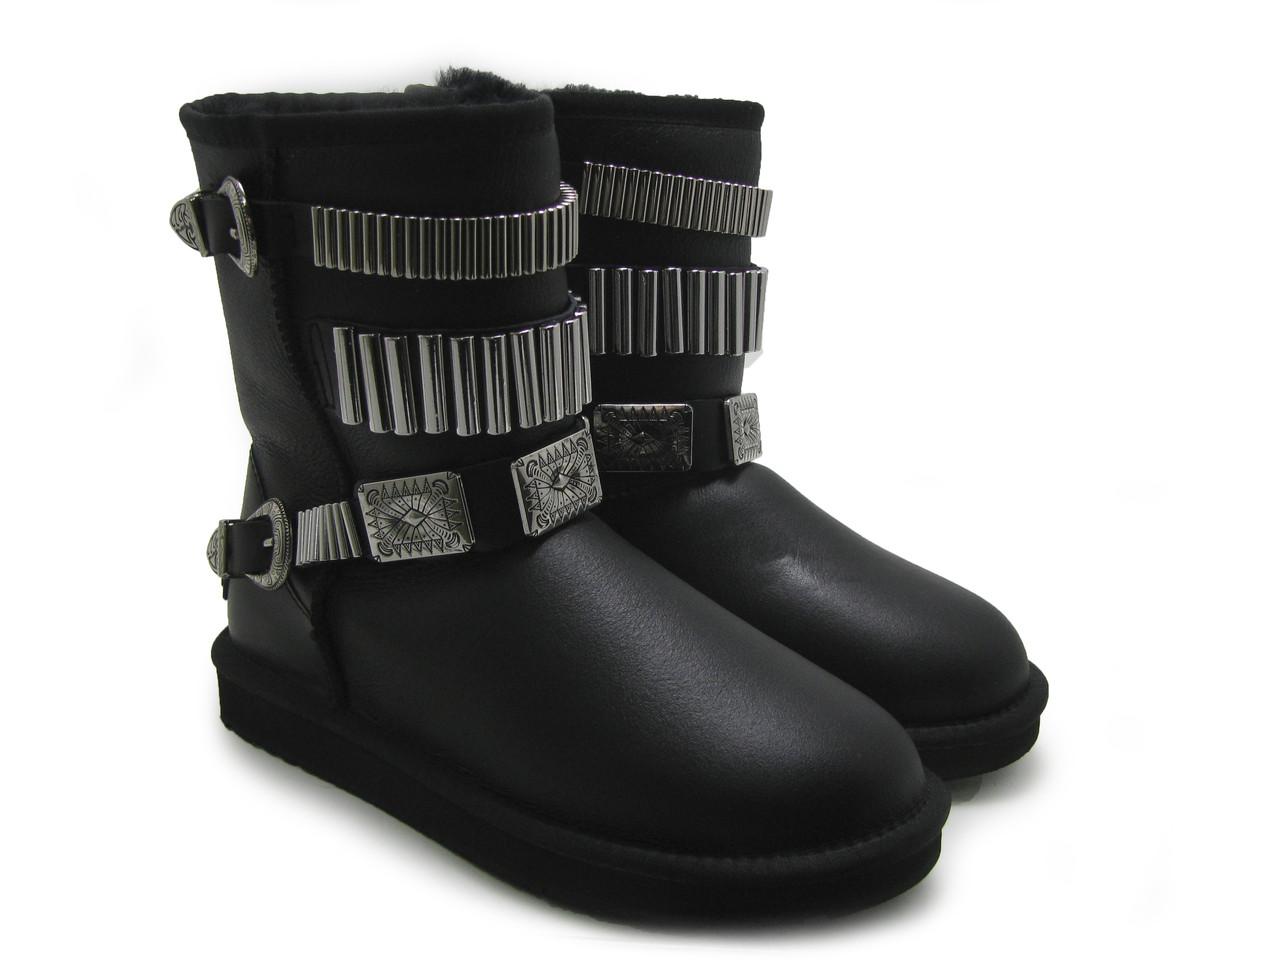 Ботинки зимние женские в стиле KOIEEIER